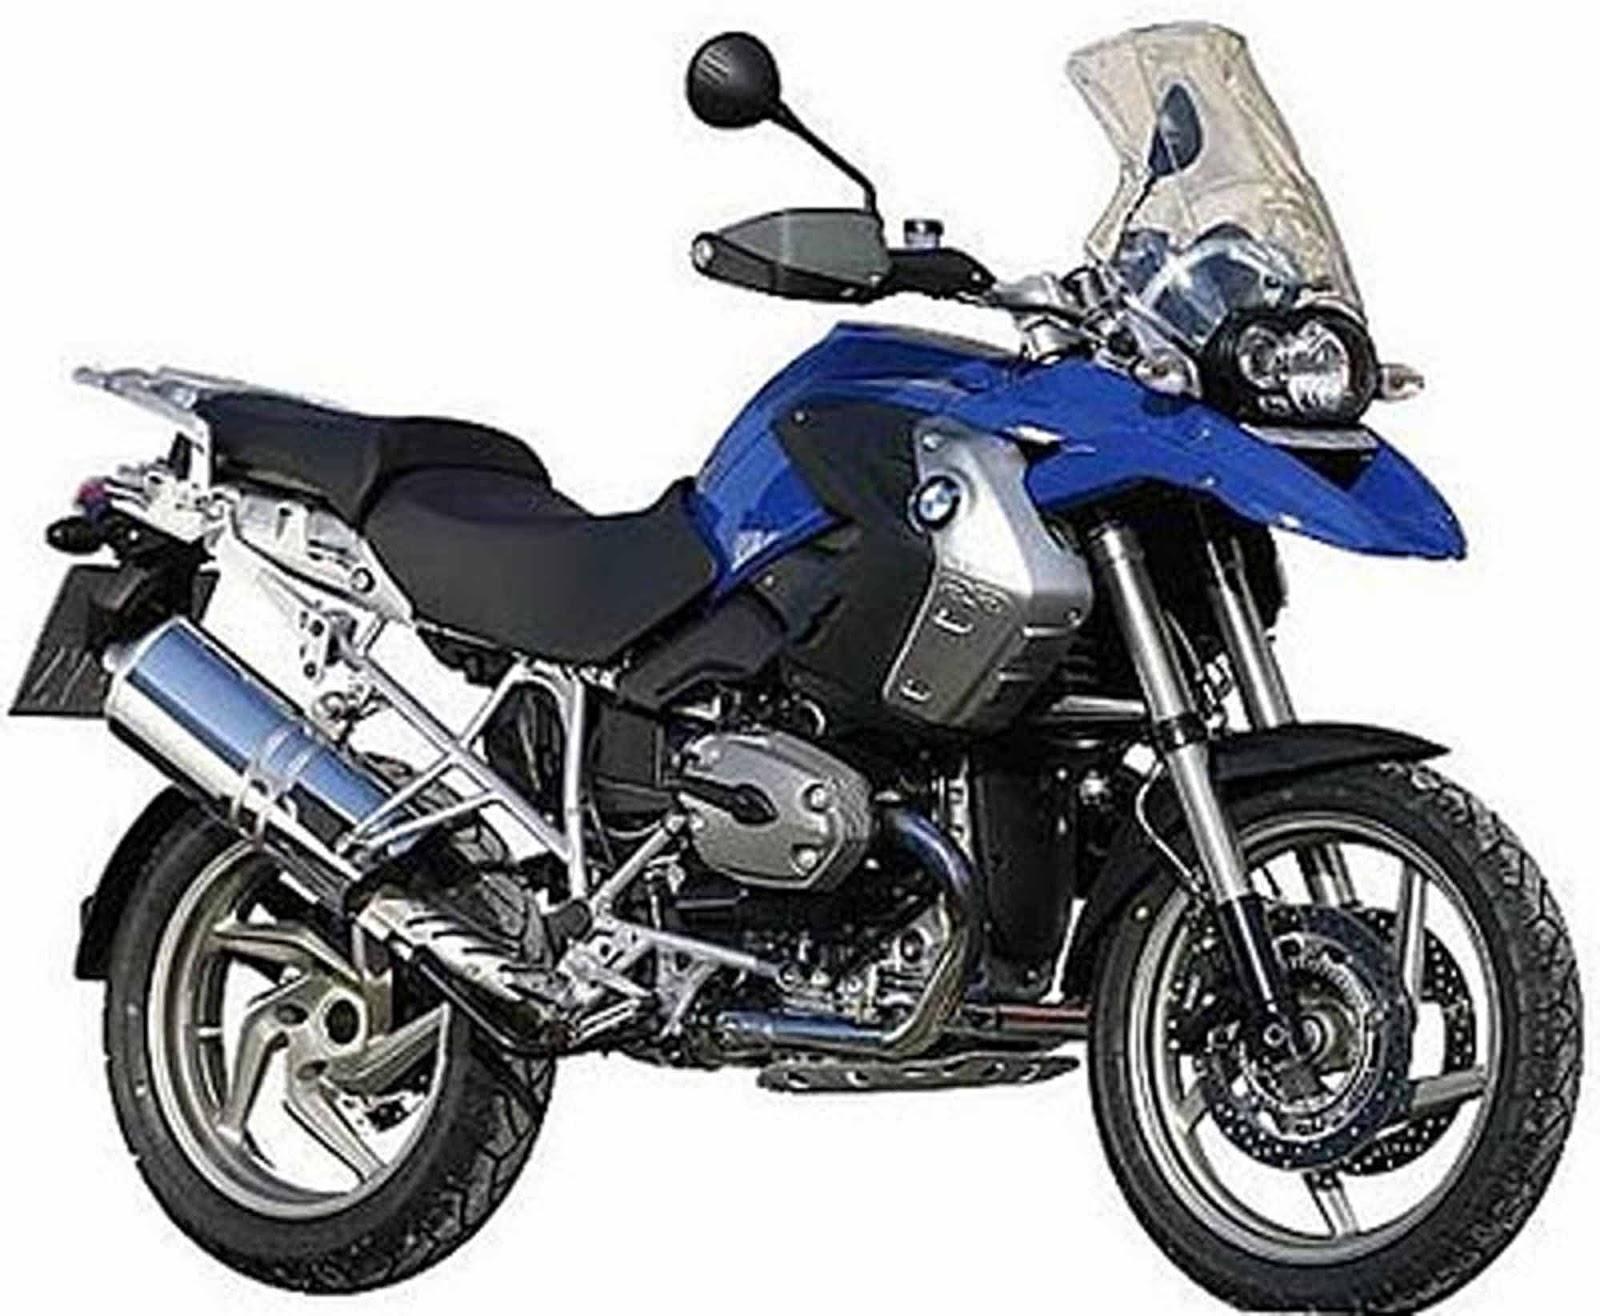 Harley Davidson Iron 833 >> 2013 BMW R1250GS Motor Bike | Motor Bikes